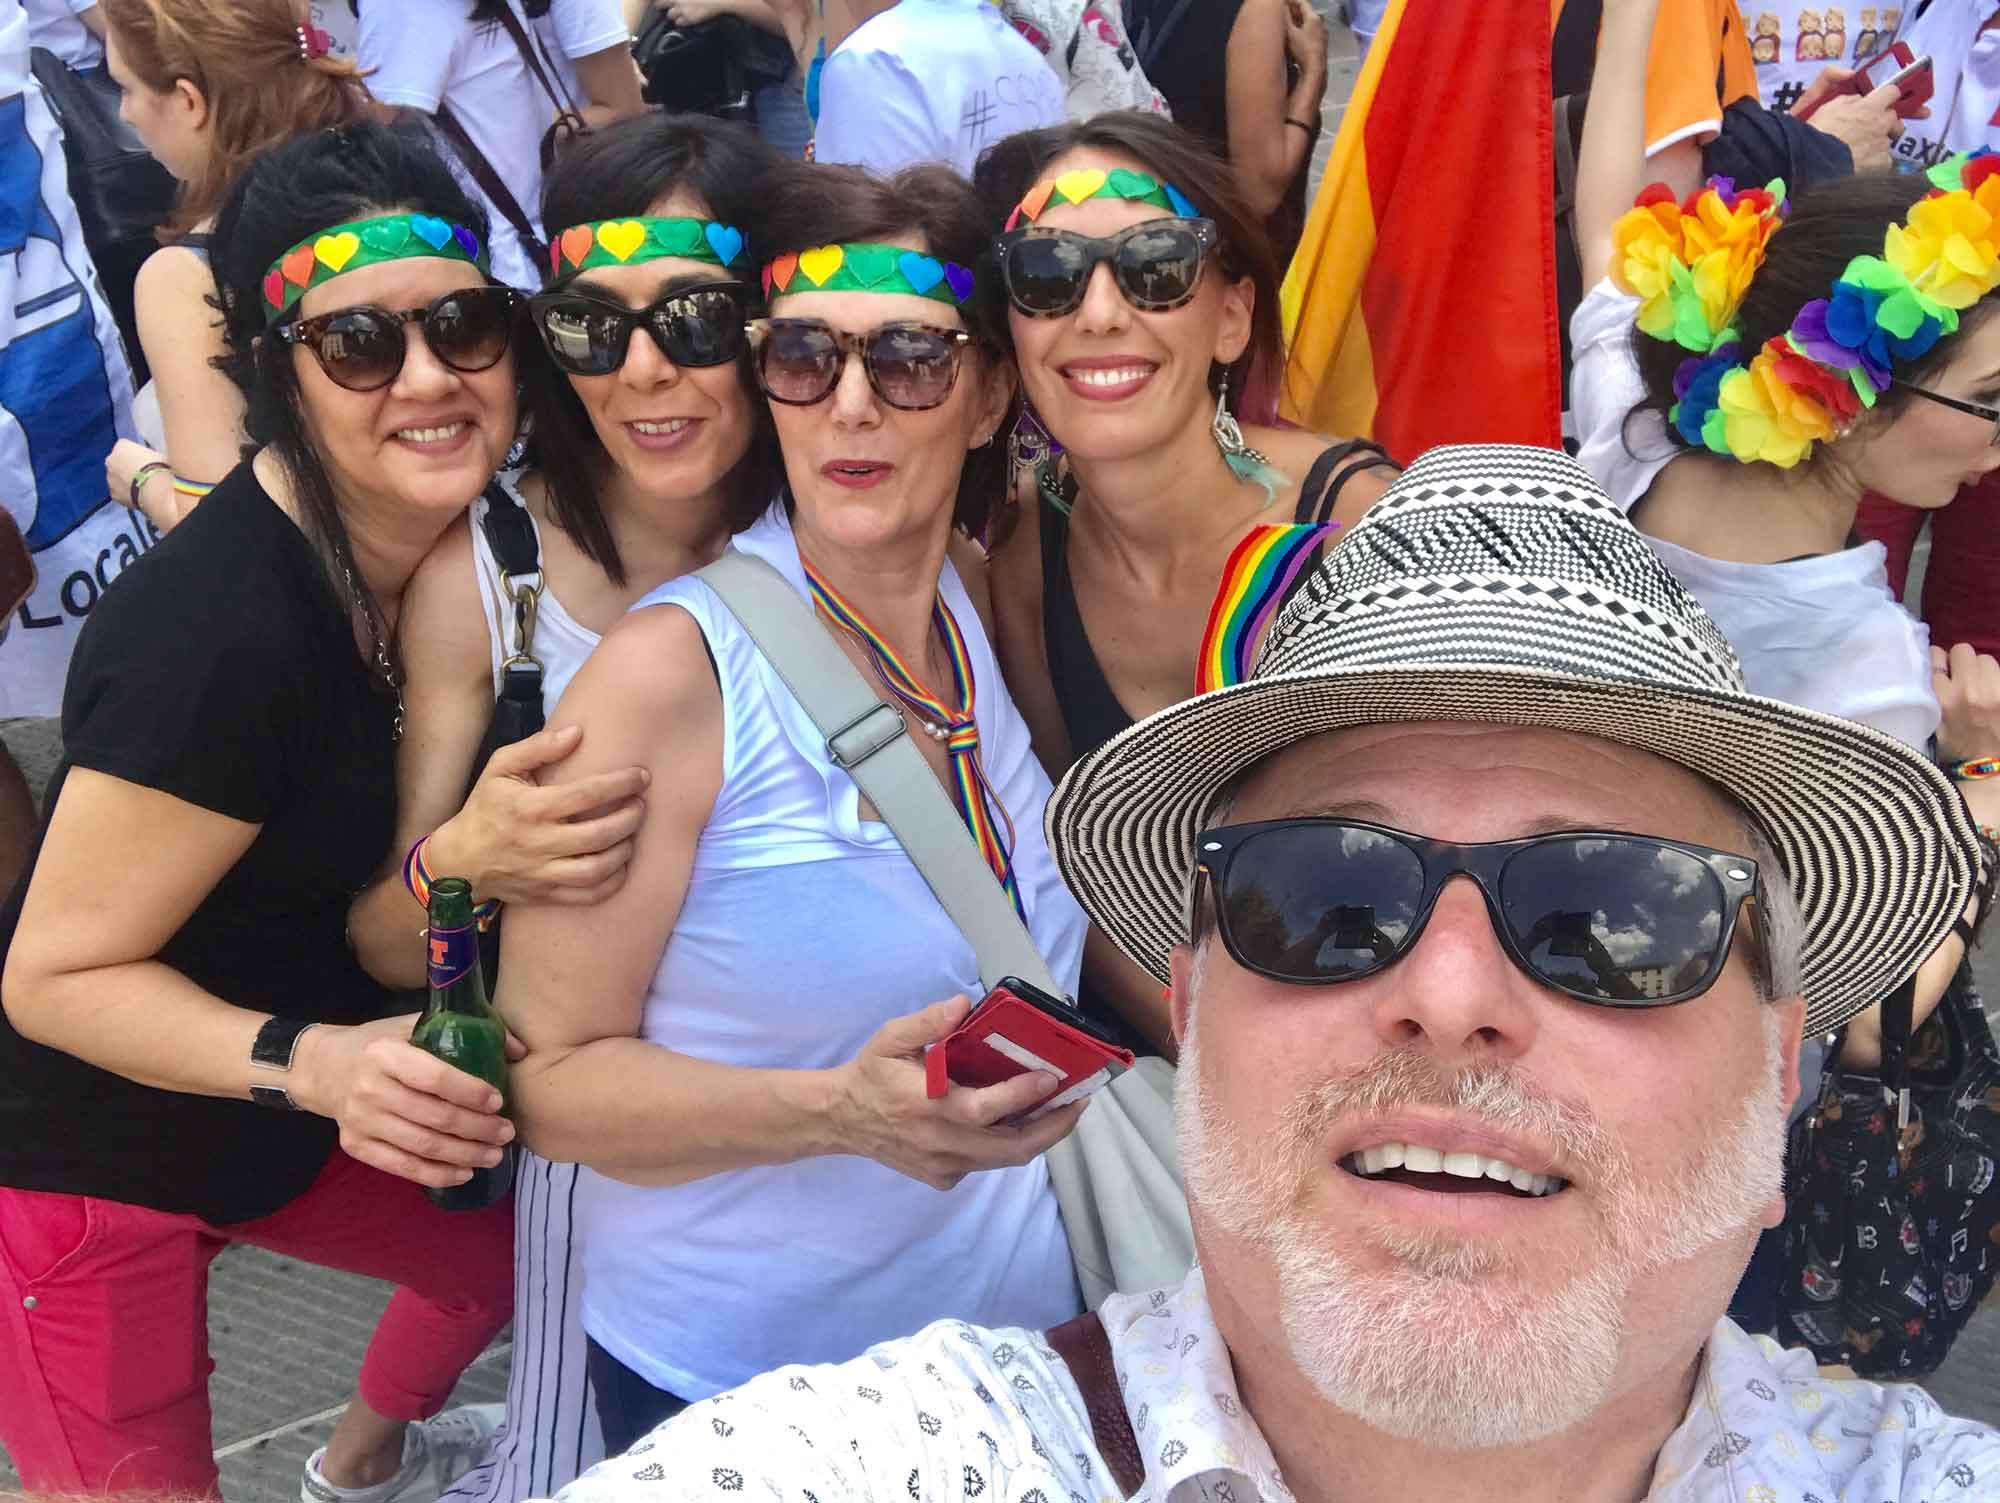 Gay Umbria 2019 update